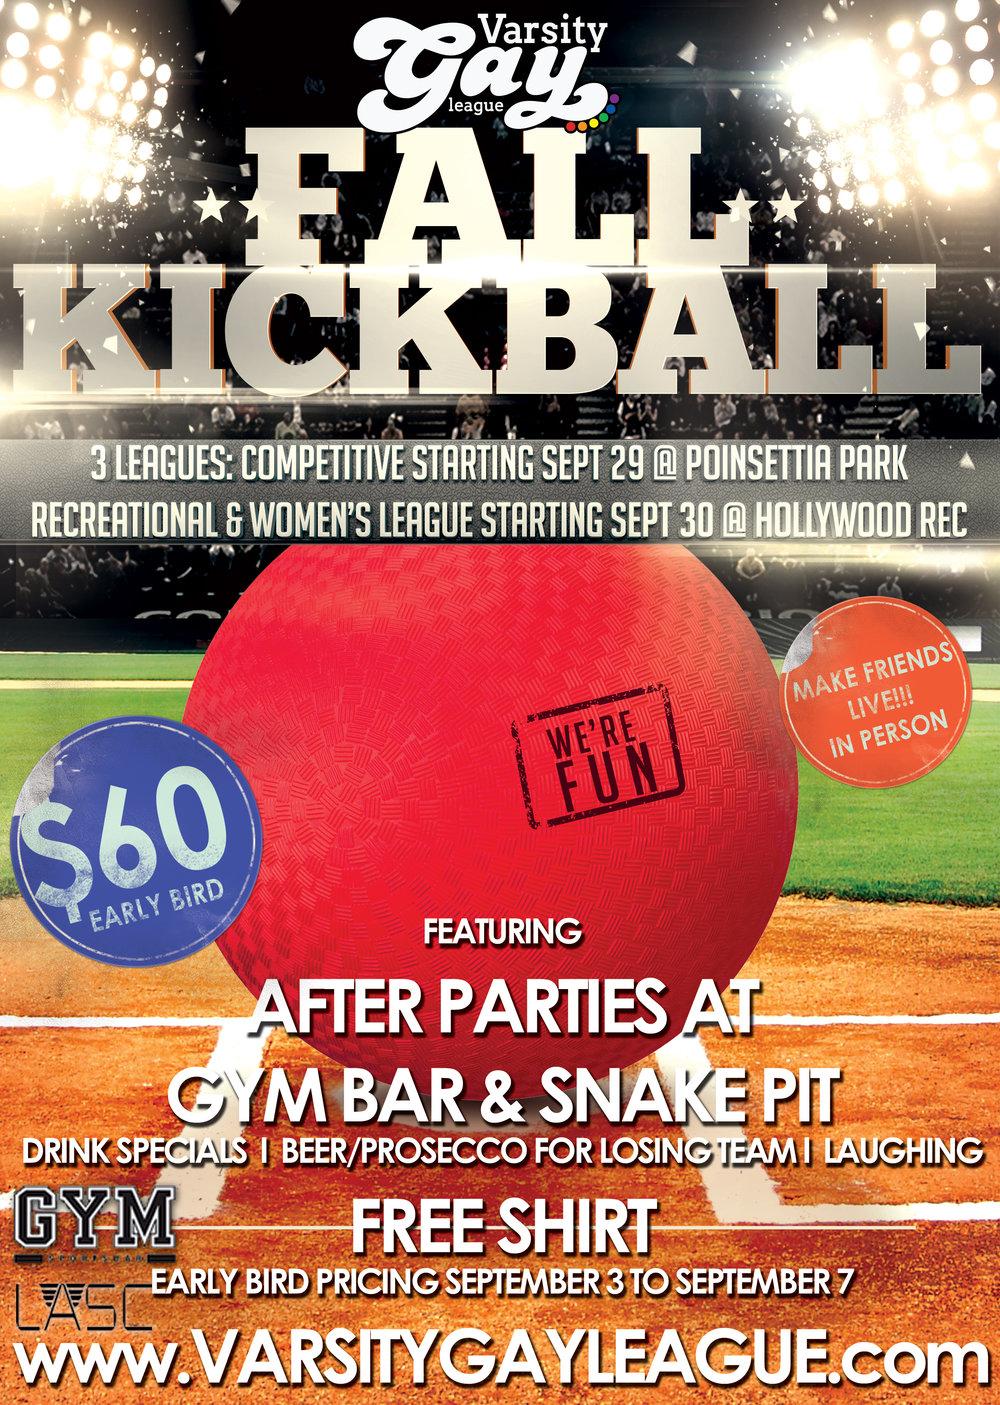 LA-Kickball-Fall-2018.jpg